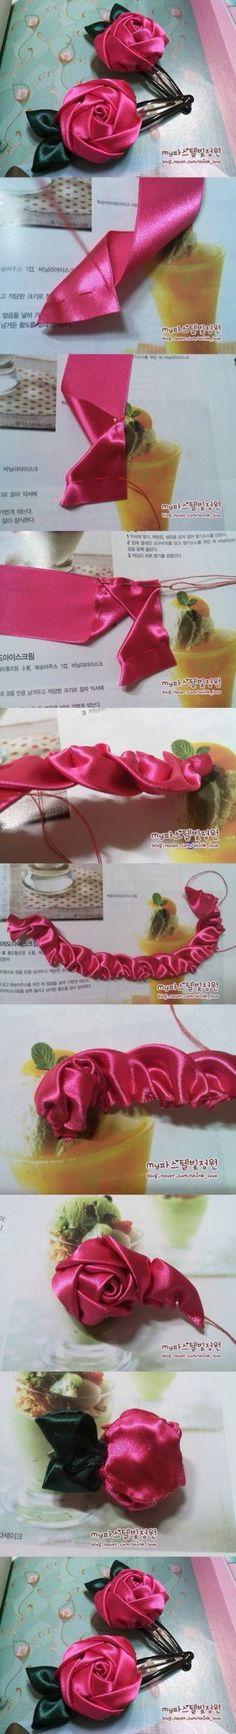 DIY Rose of Organza Ribbon DIY Projects